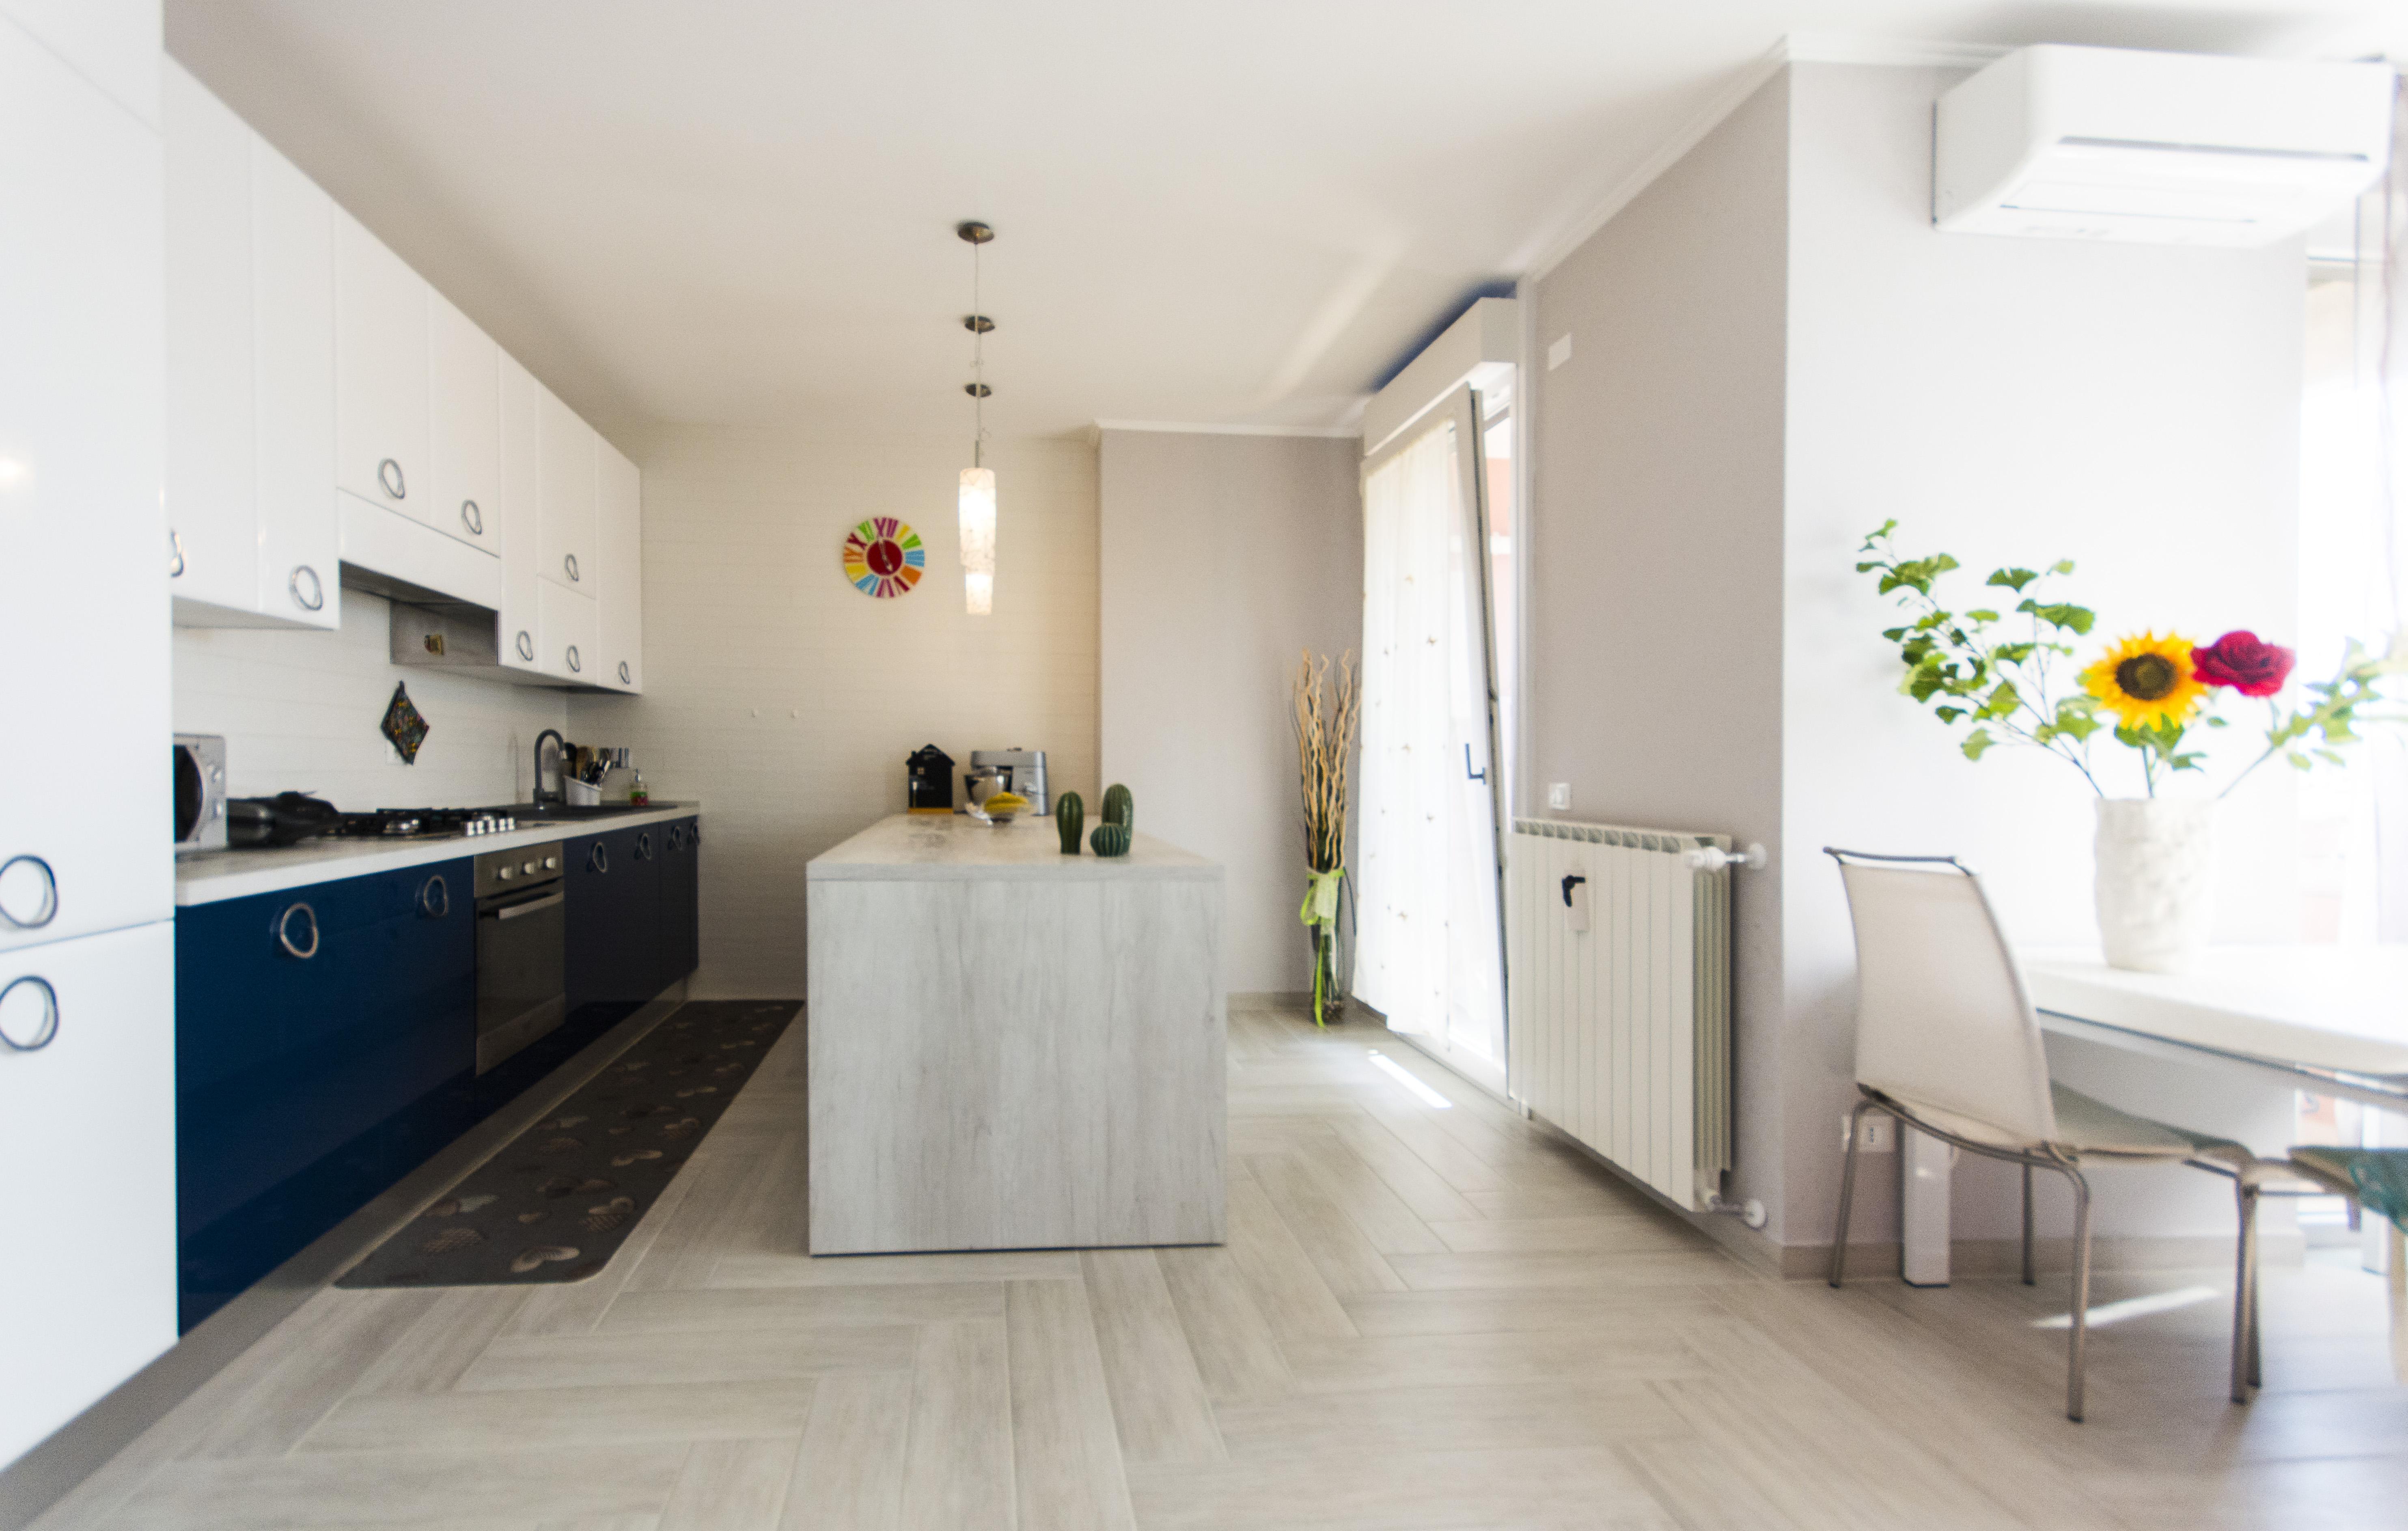 Progettare la cucina: consigli pratici